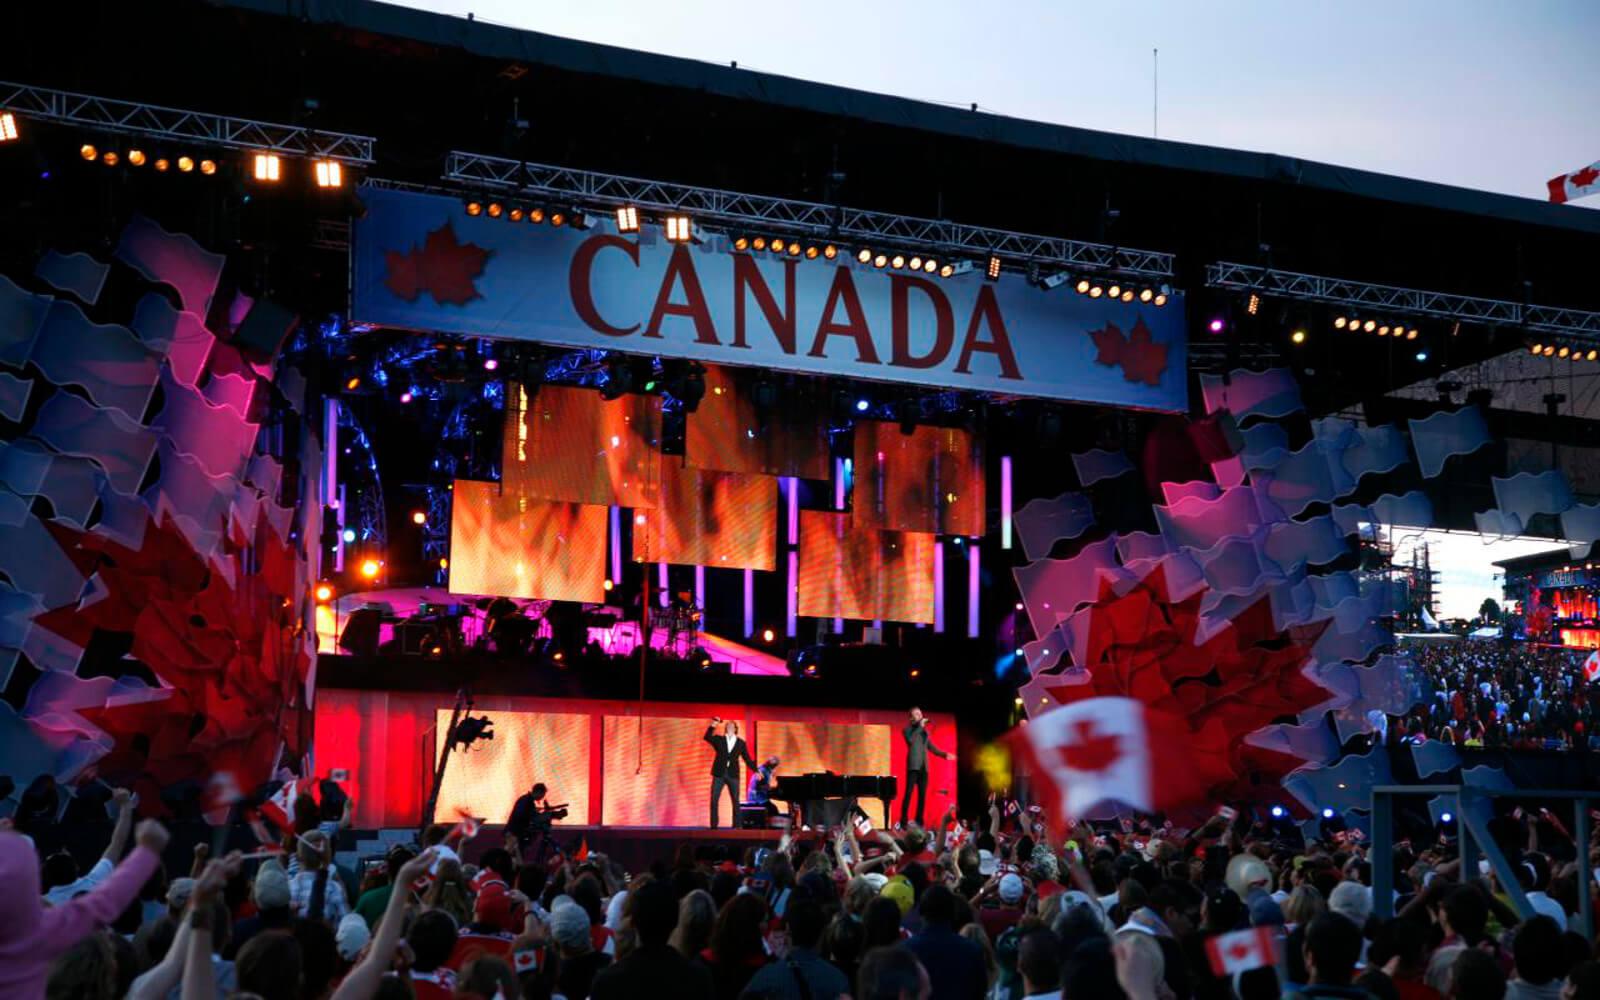 Bühne mit Konzerten zum Canada Day